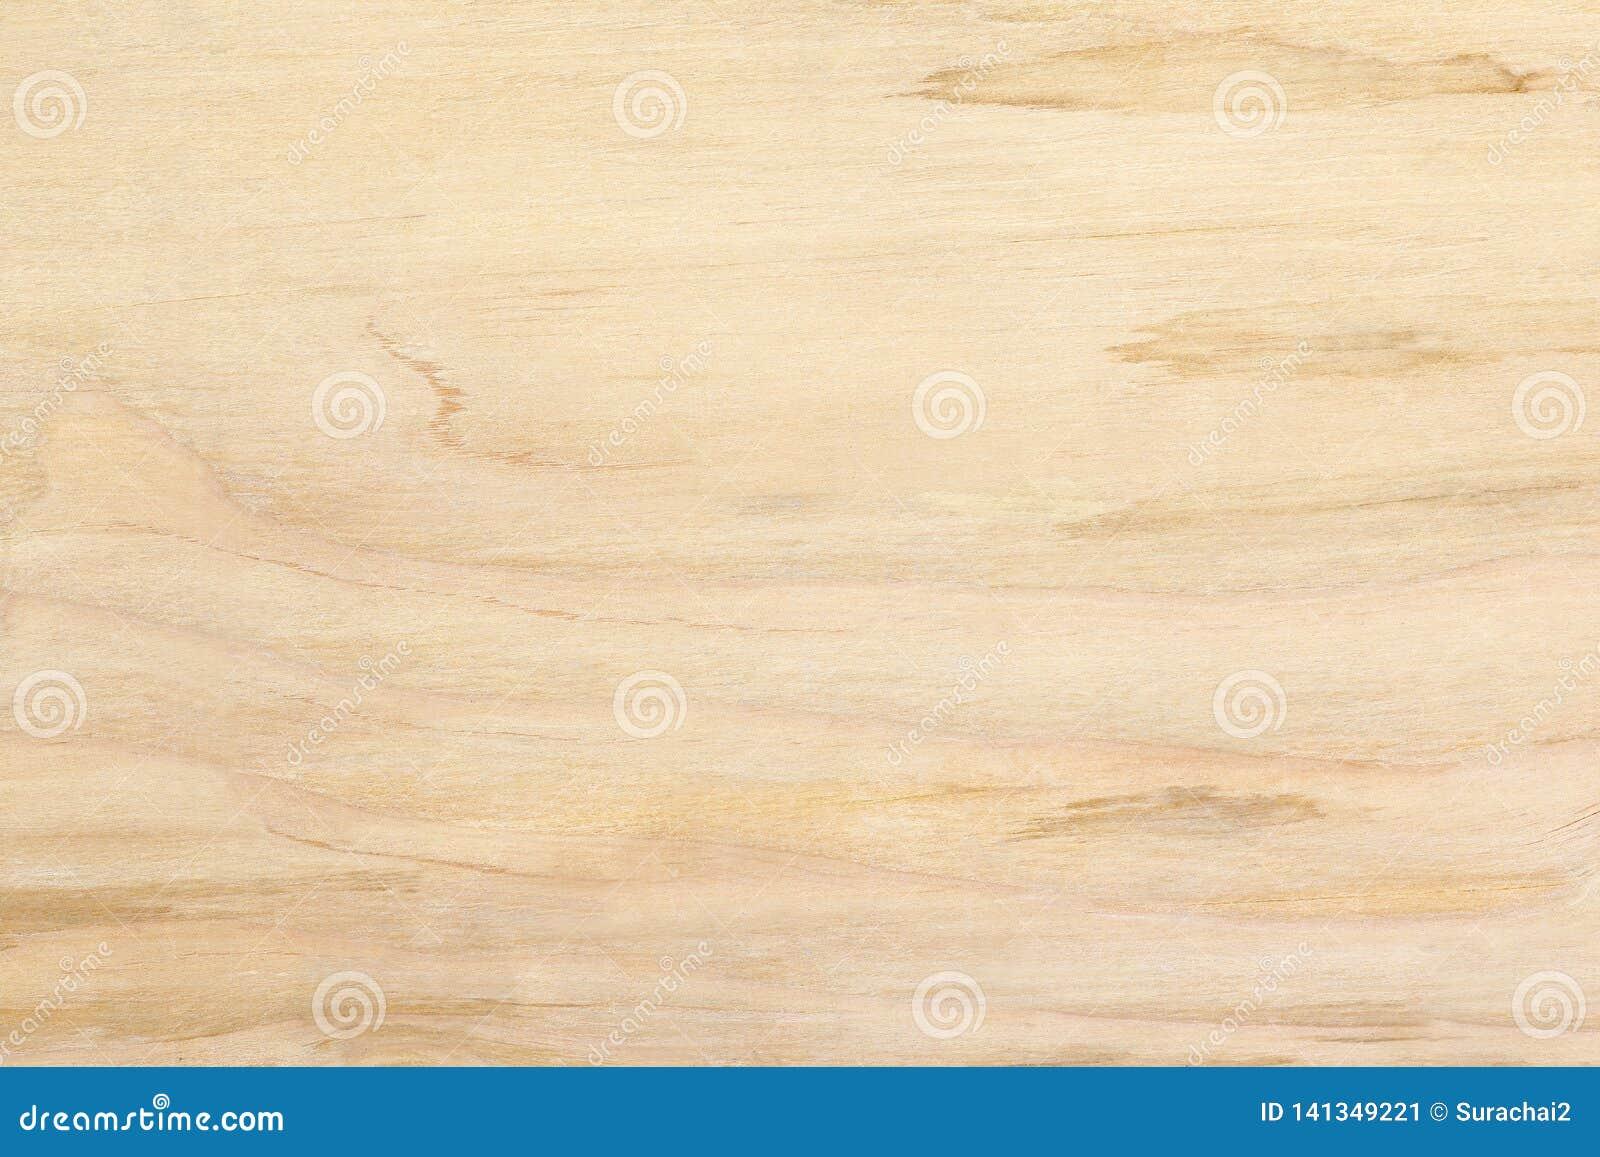 Natuurlijke de textuurachtergrond van de triplex houten muur